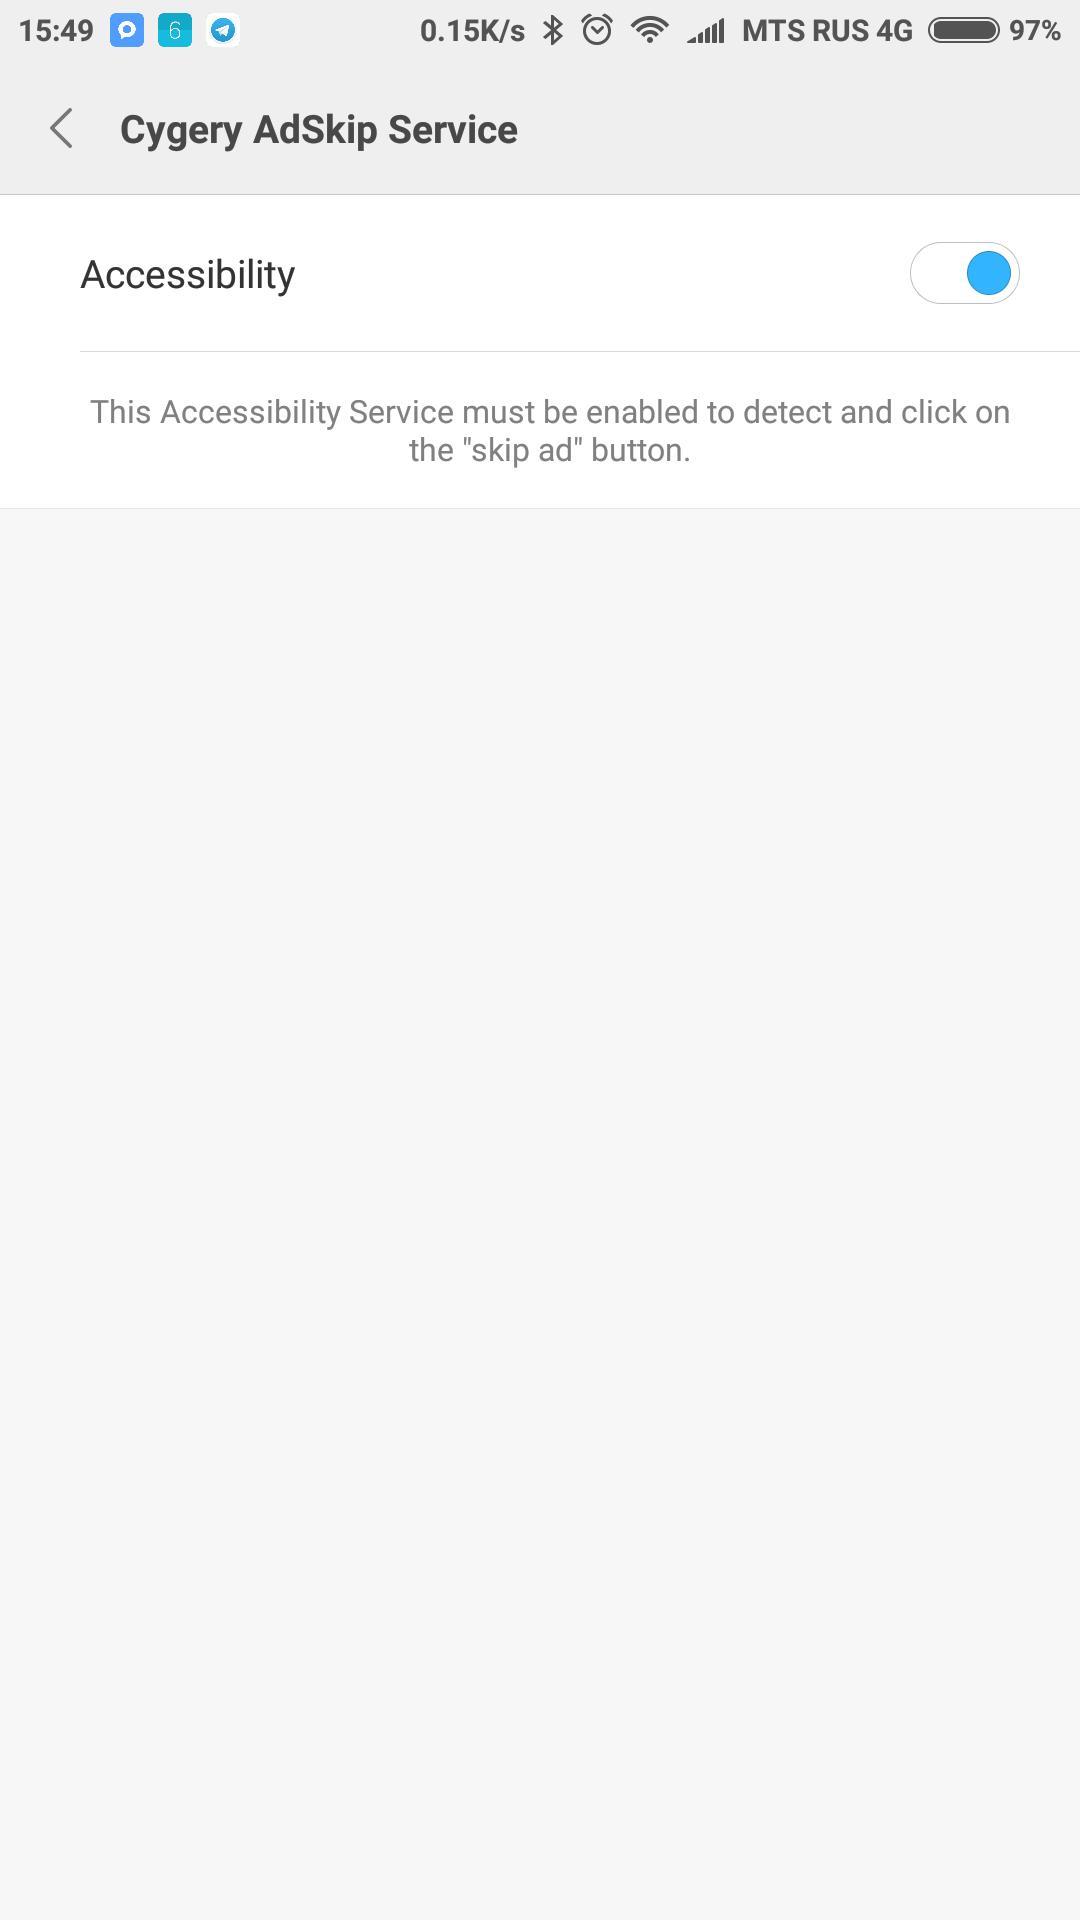 Как автоматически пропуска рекламу на YouTube? Cygery AdSkip for YouTube может